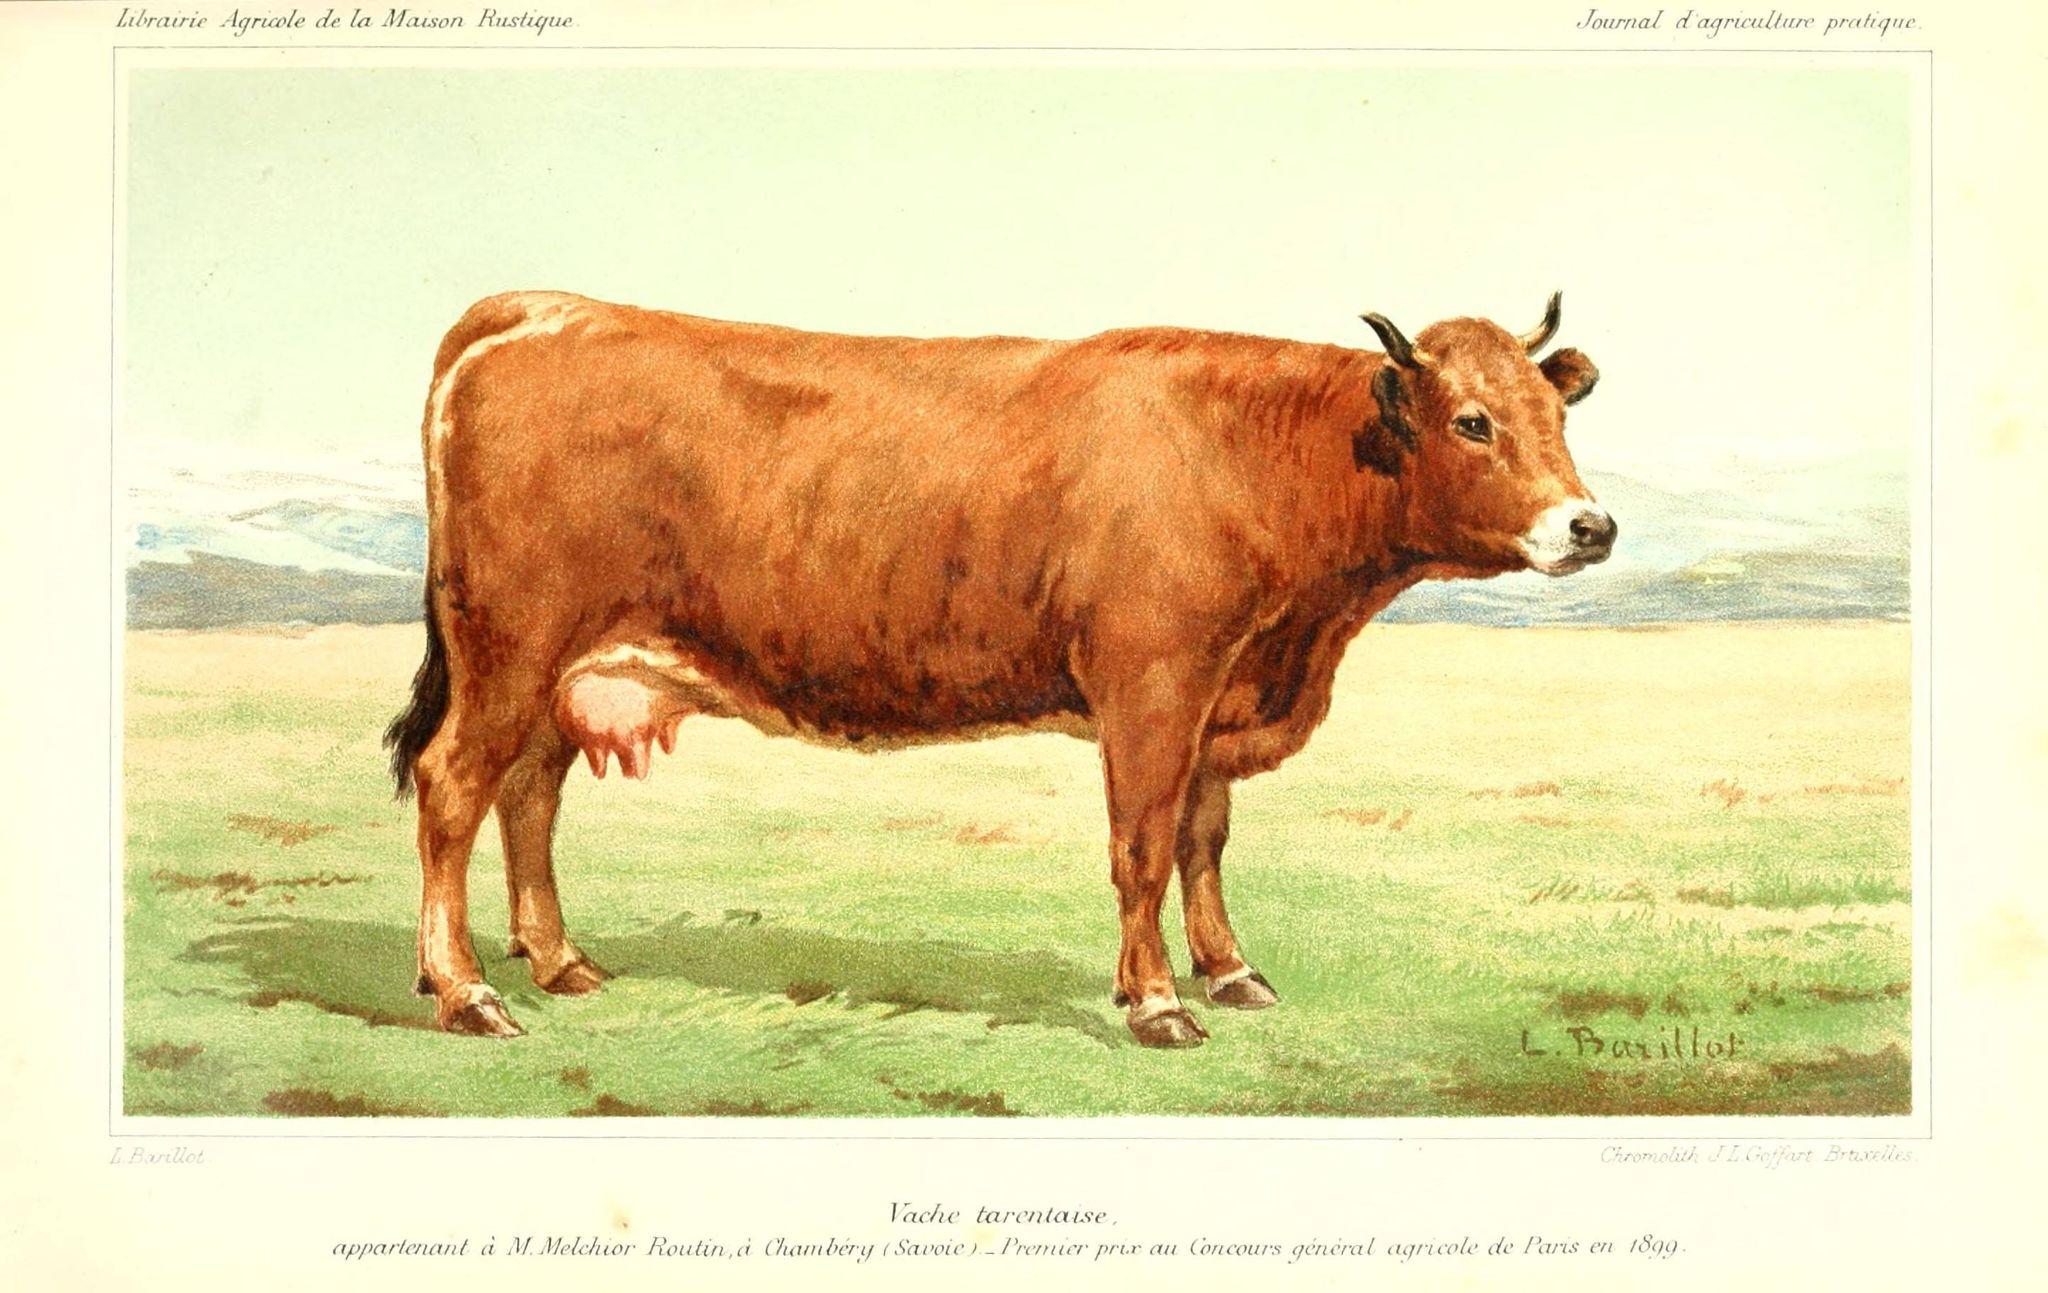 Dessins Ou Gravures De Vache Informations Et Documents